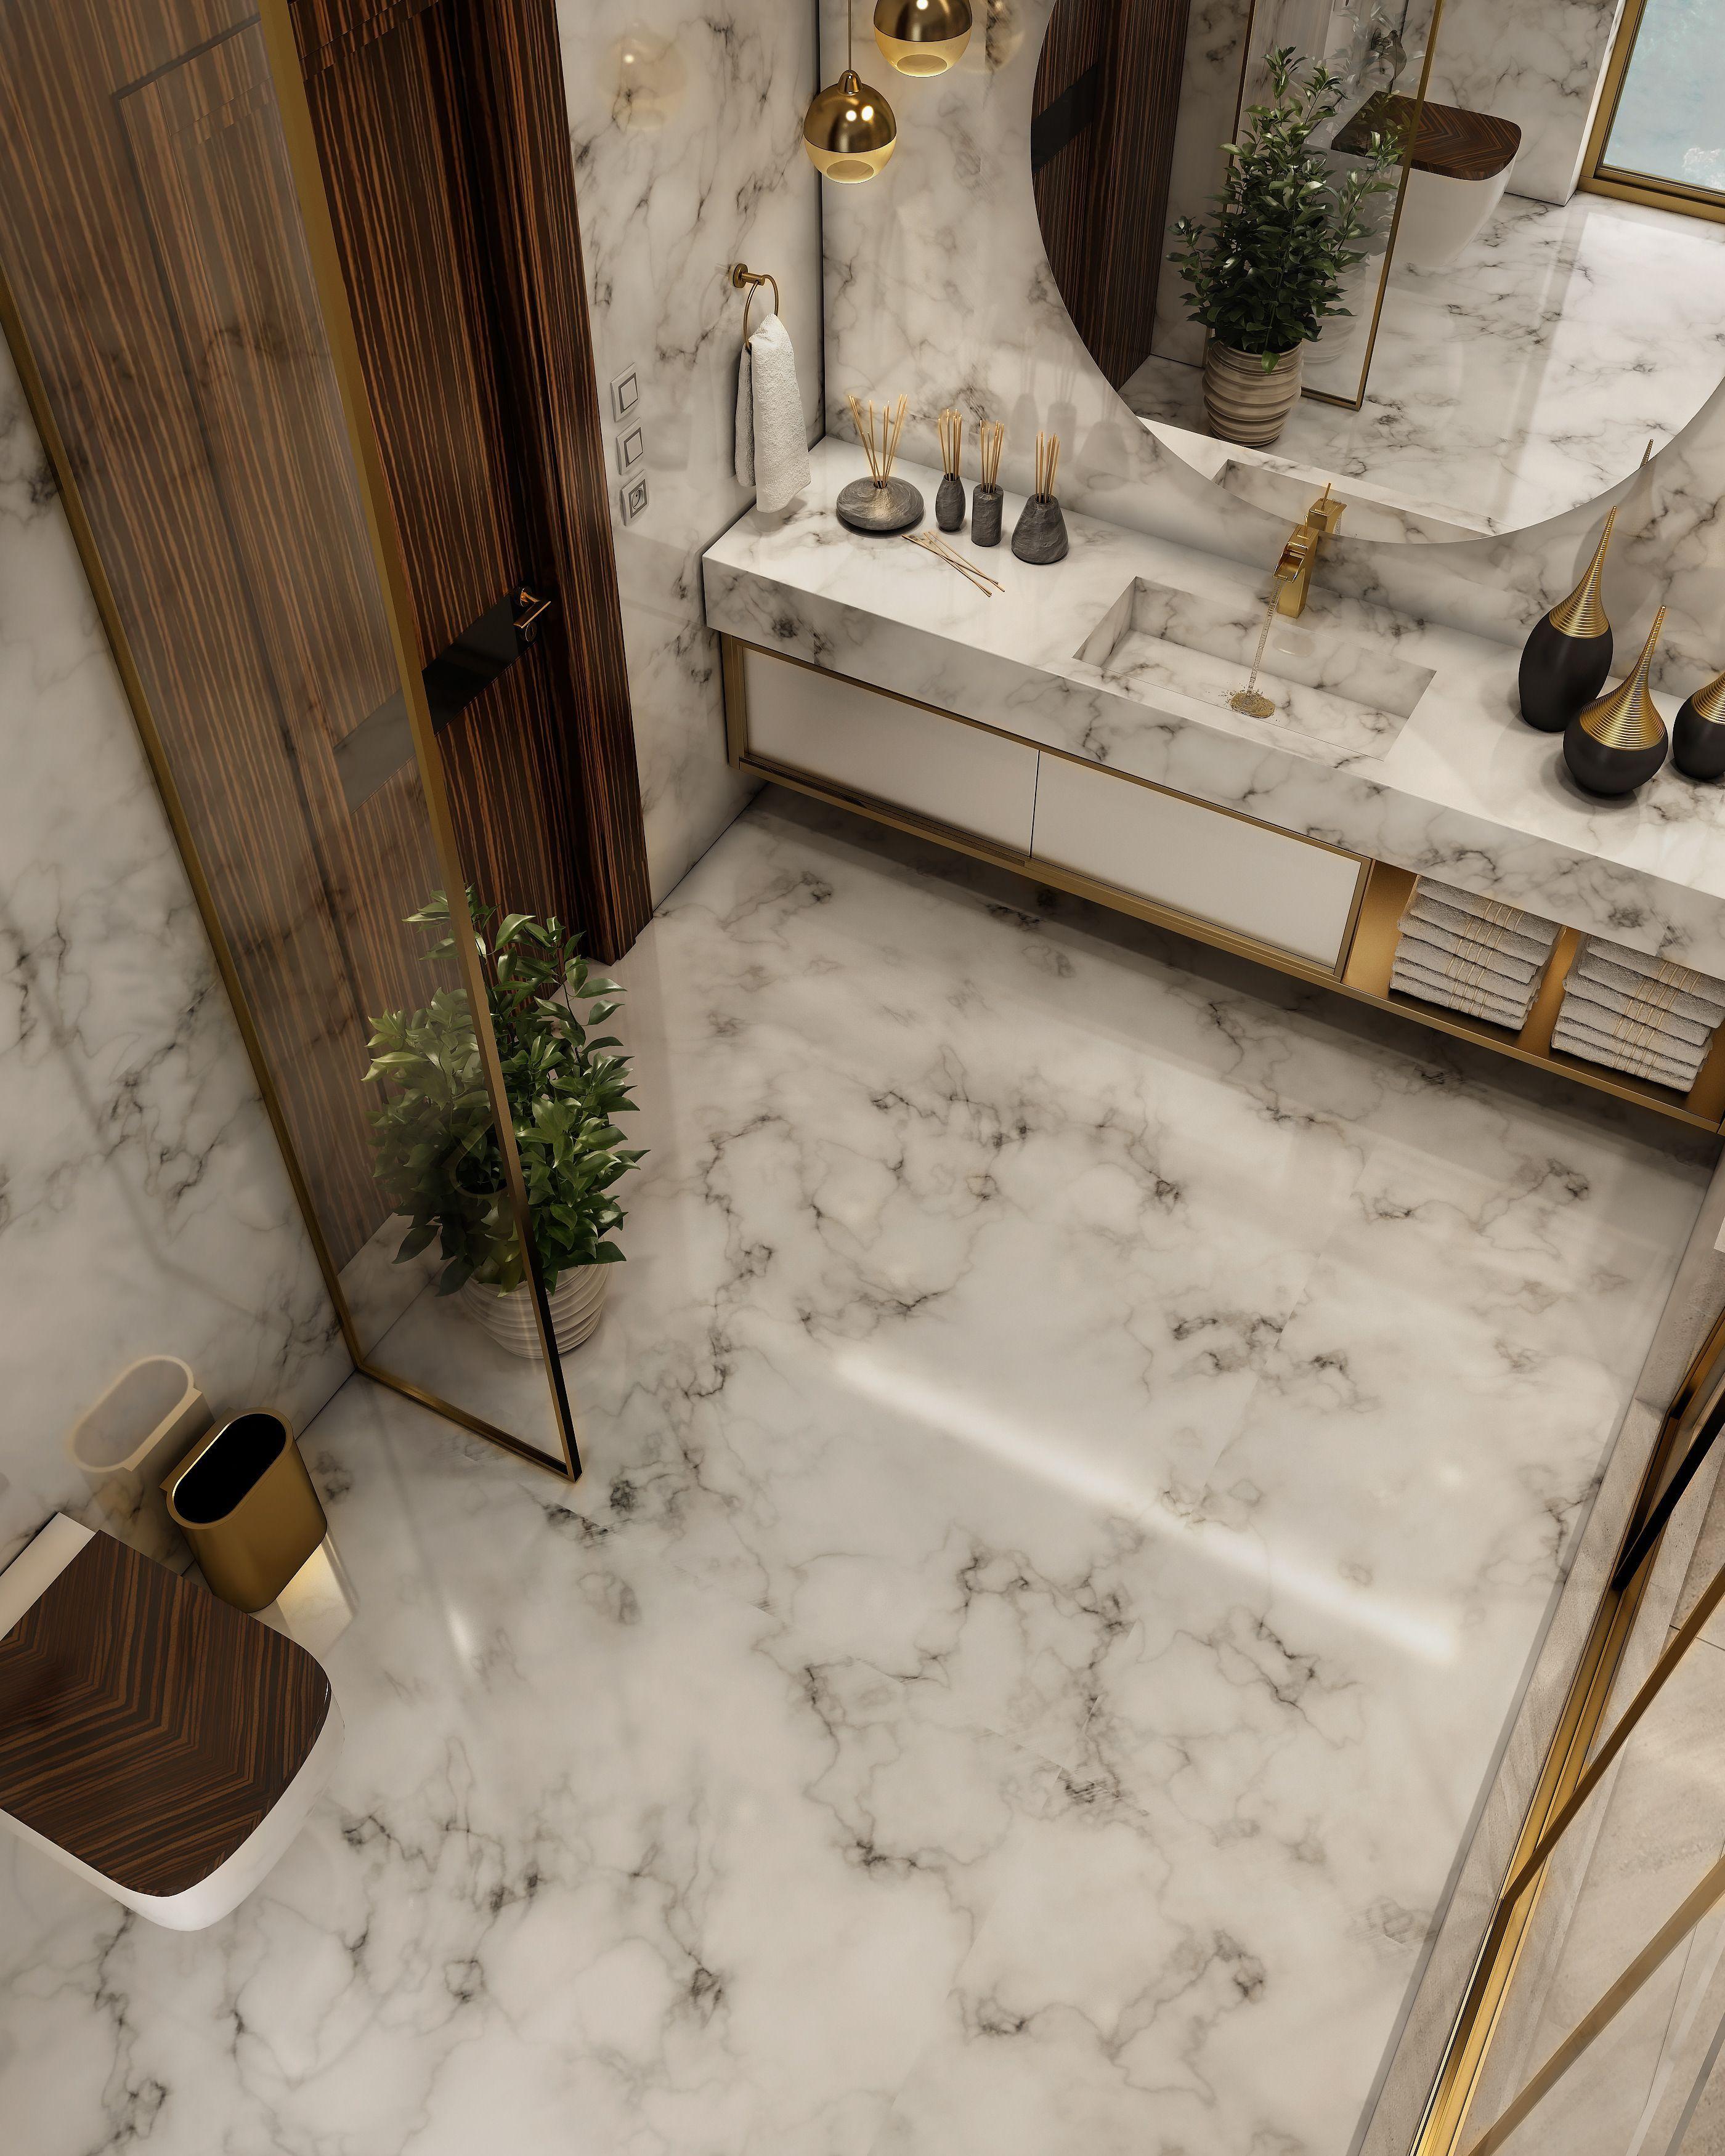 Bathroom Luxurious Luxurious Bathroom On Behance Em 2020 Ideias Para Casas De Banho Banheiros Luxuosos Decoracao Do Banheiro